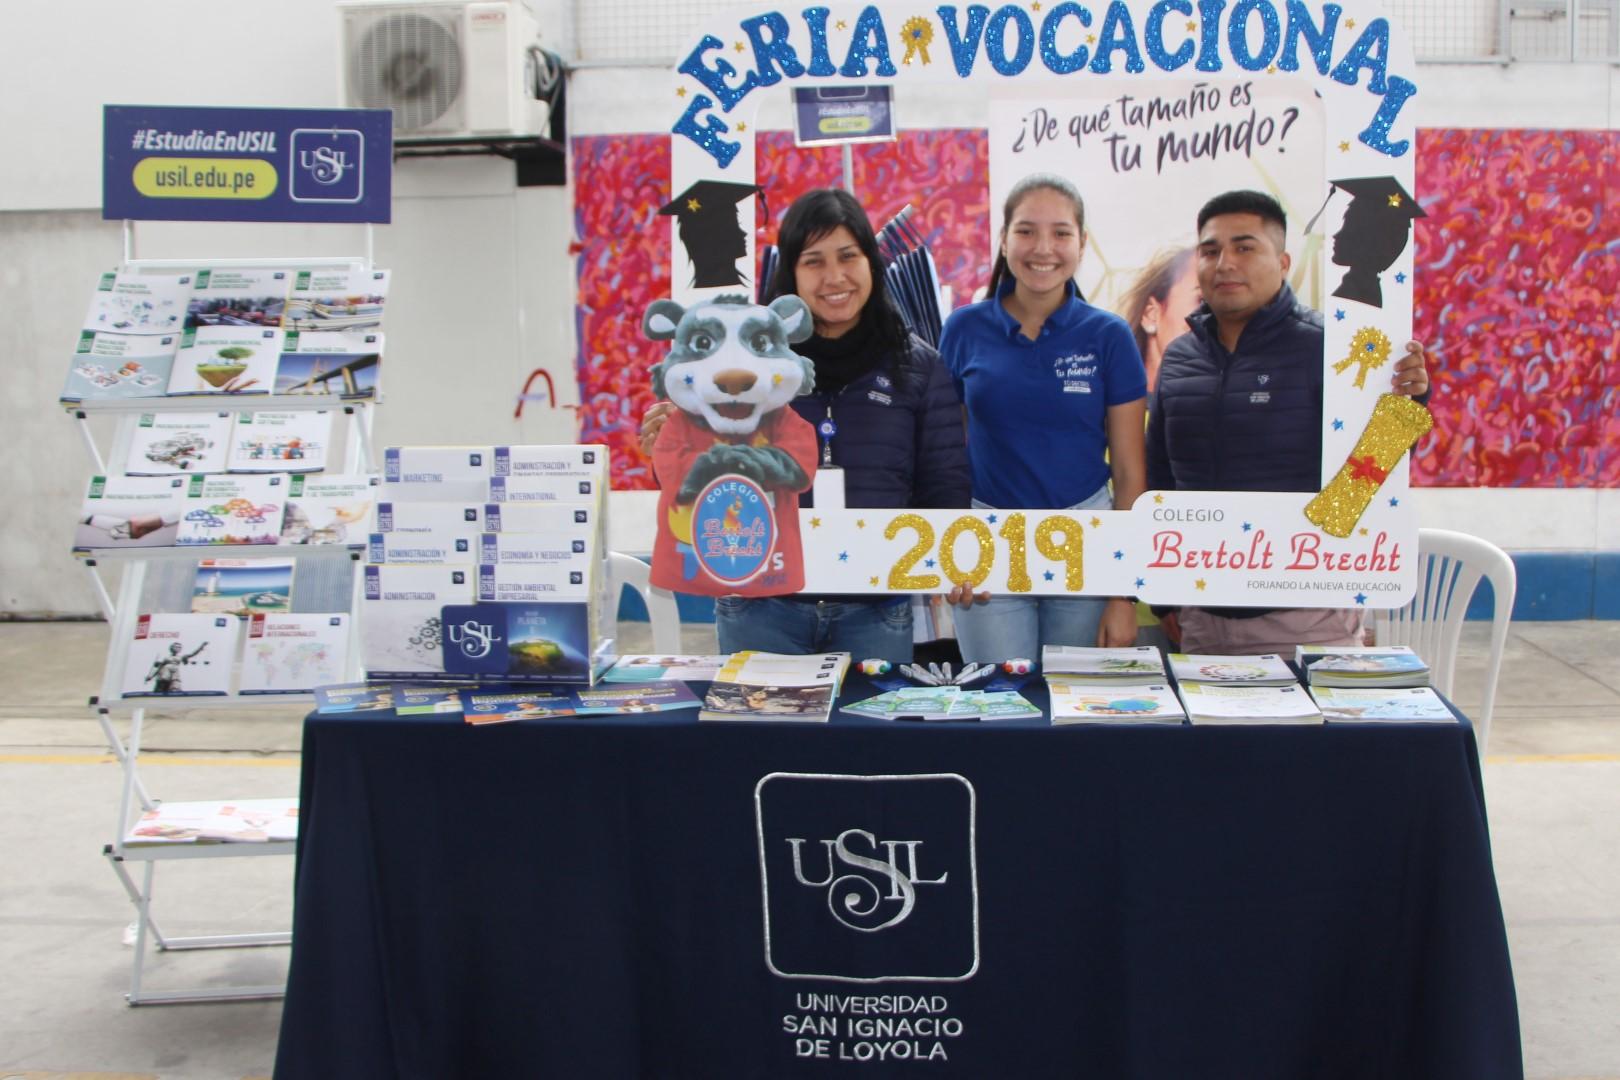 Feria vocacional 2019 (6)